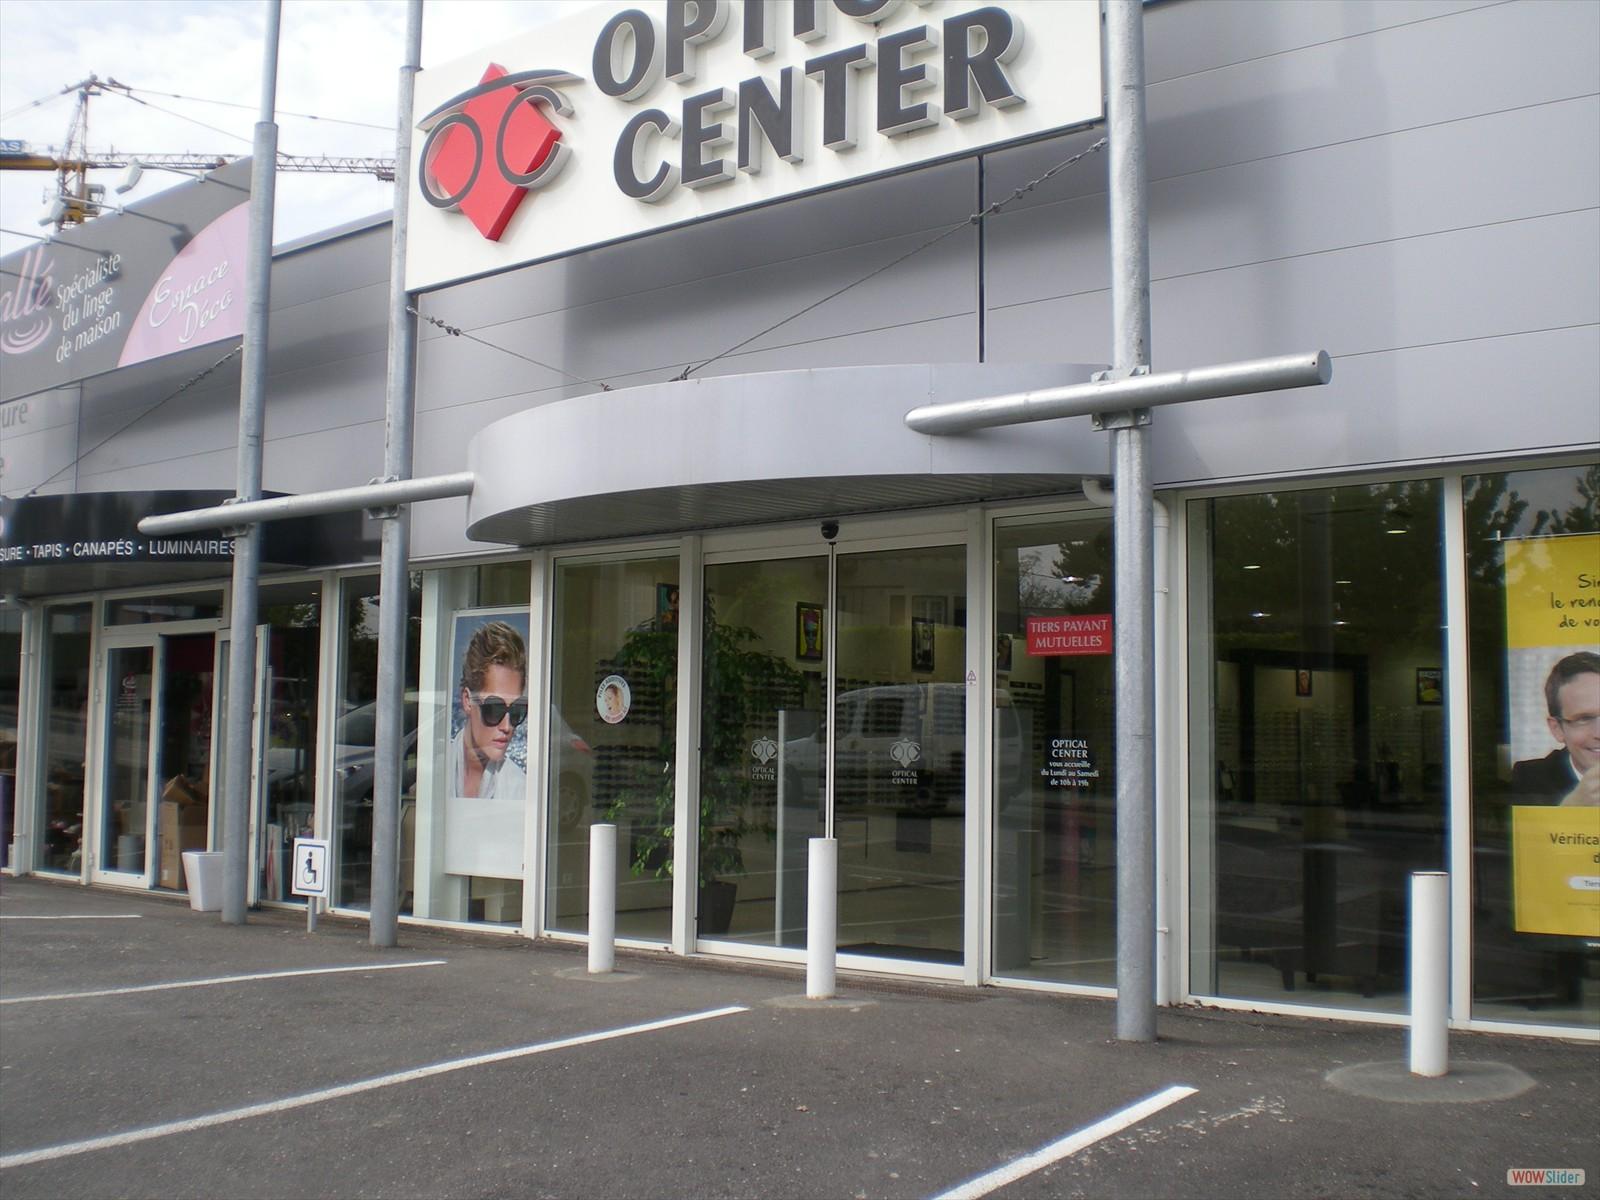 Façade ALU optical center